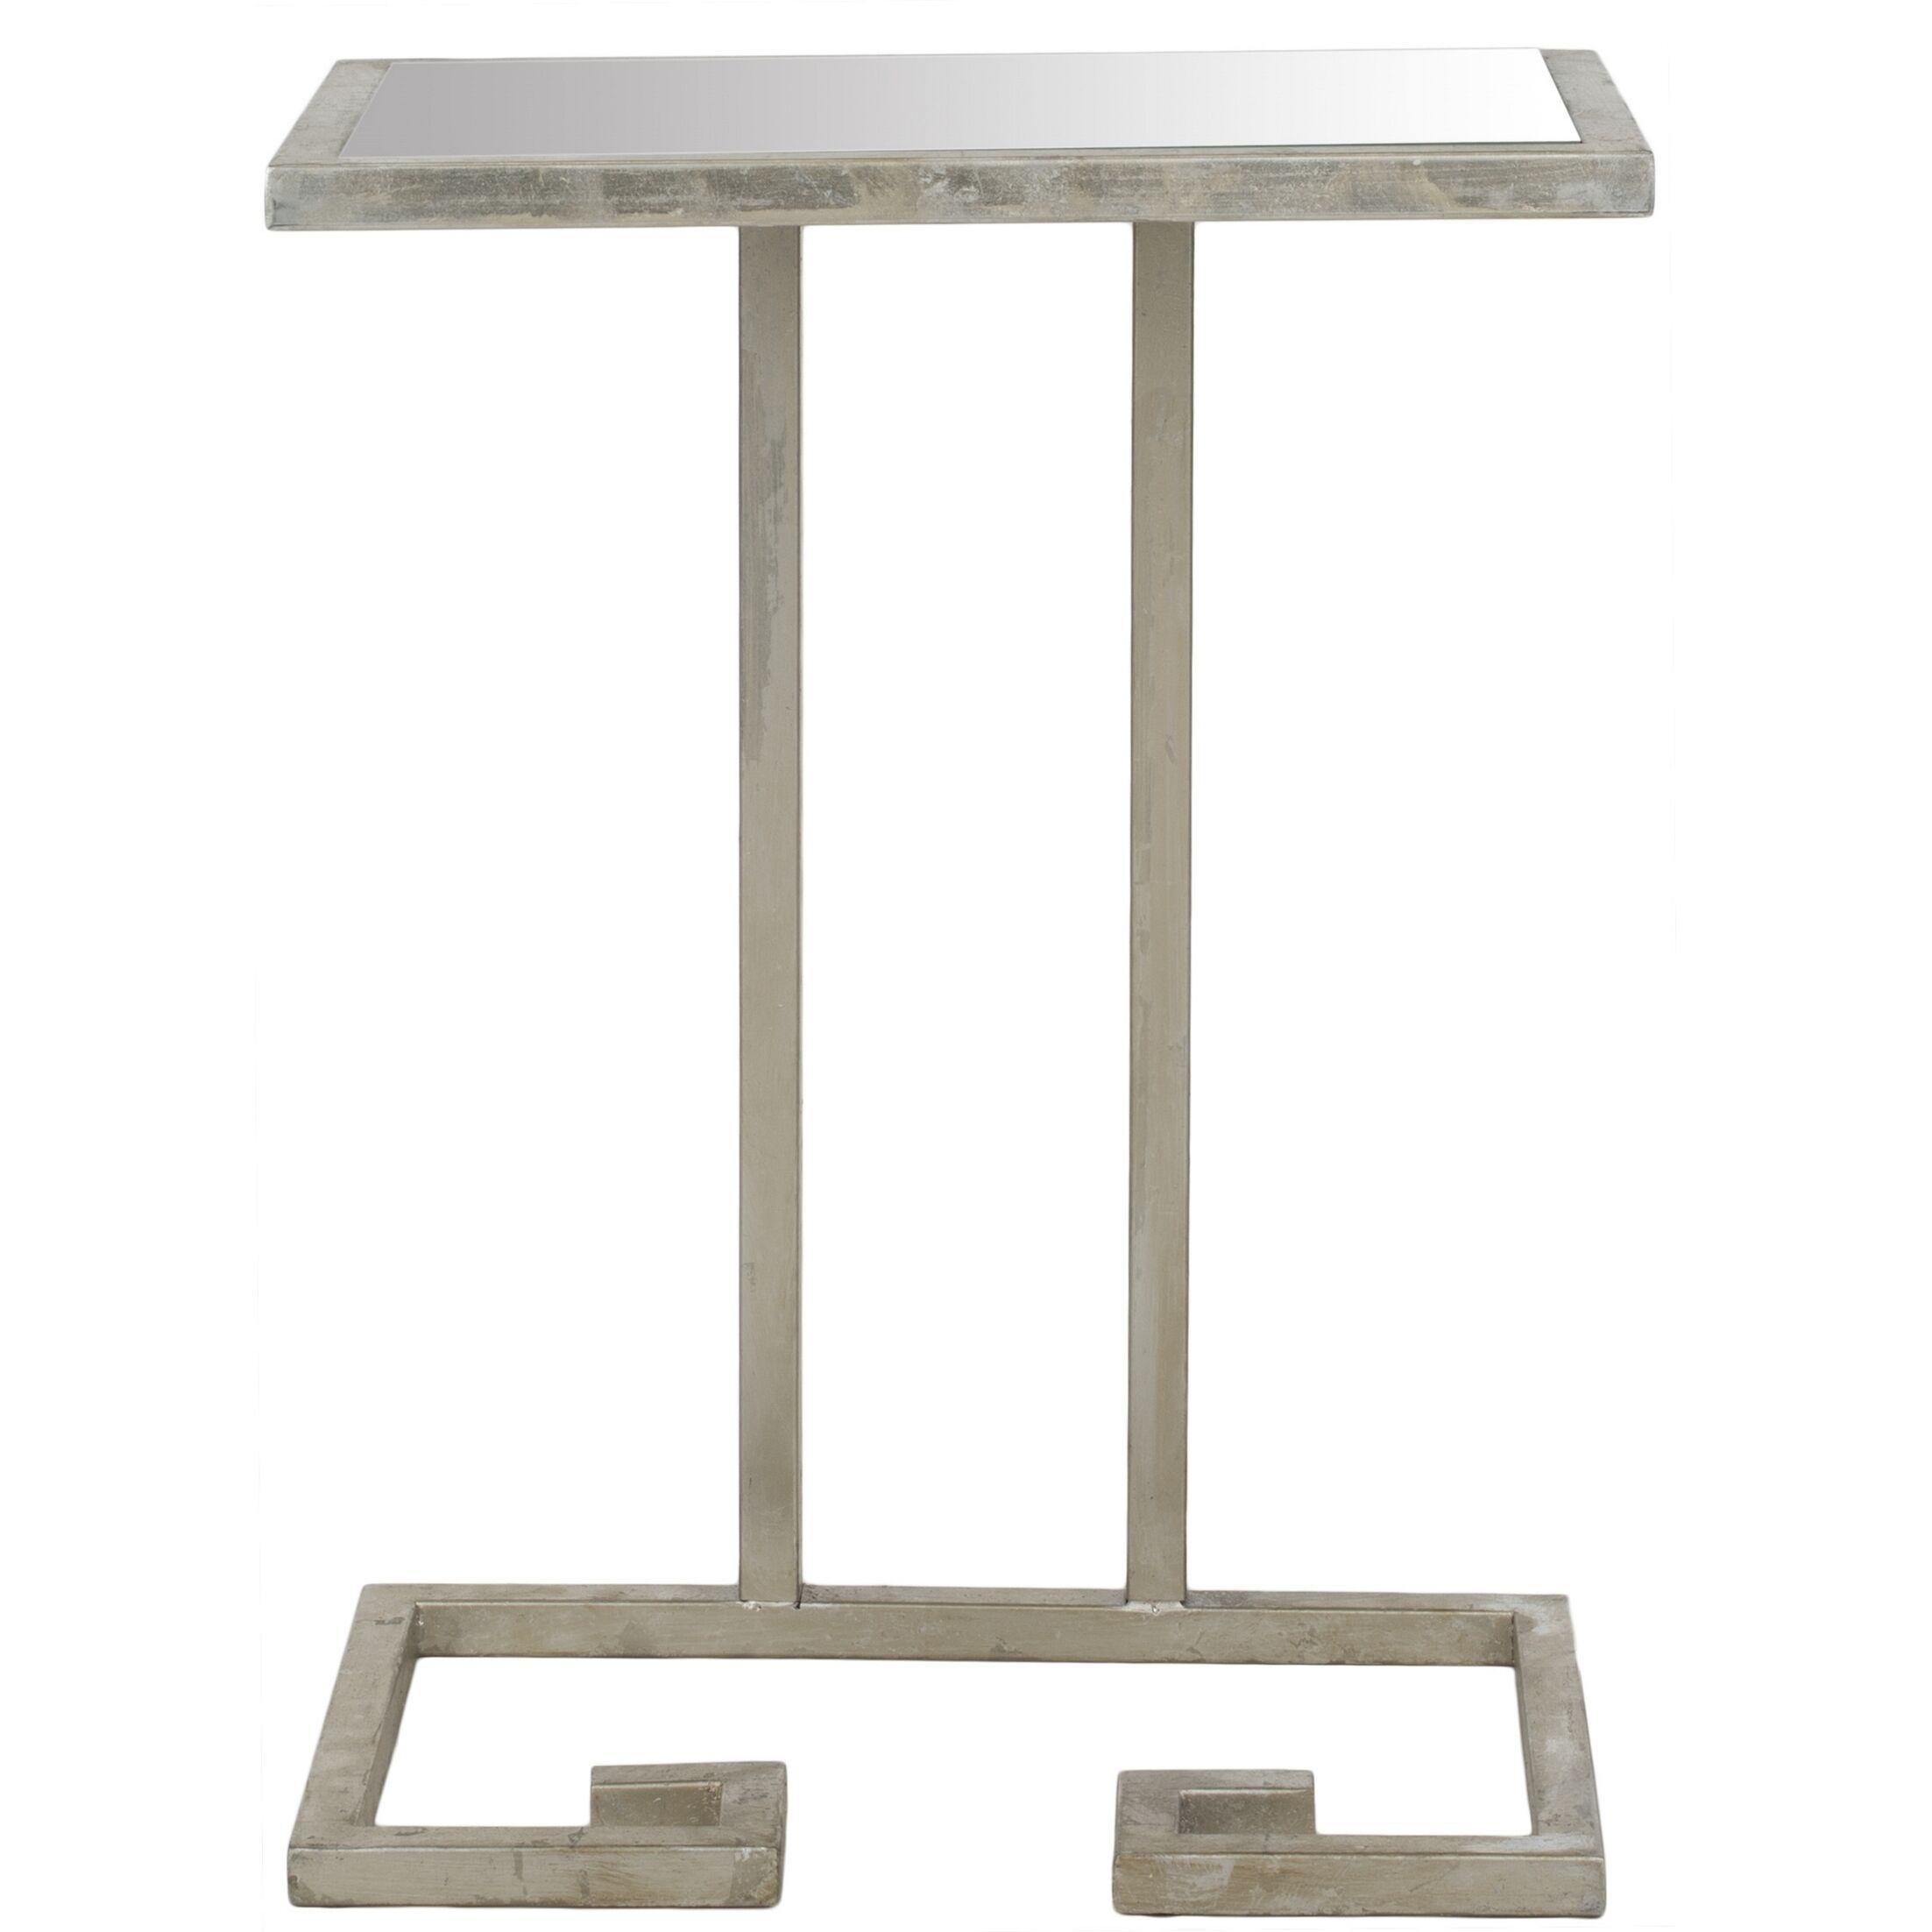 Hessle End Table